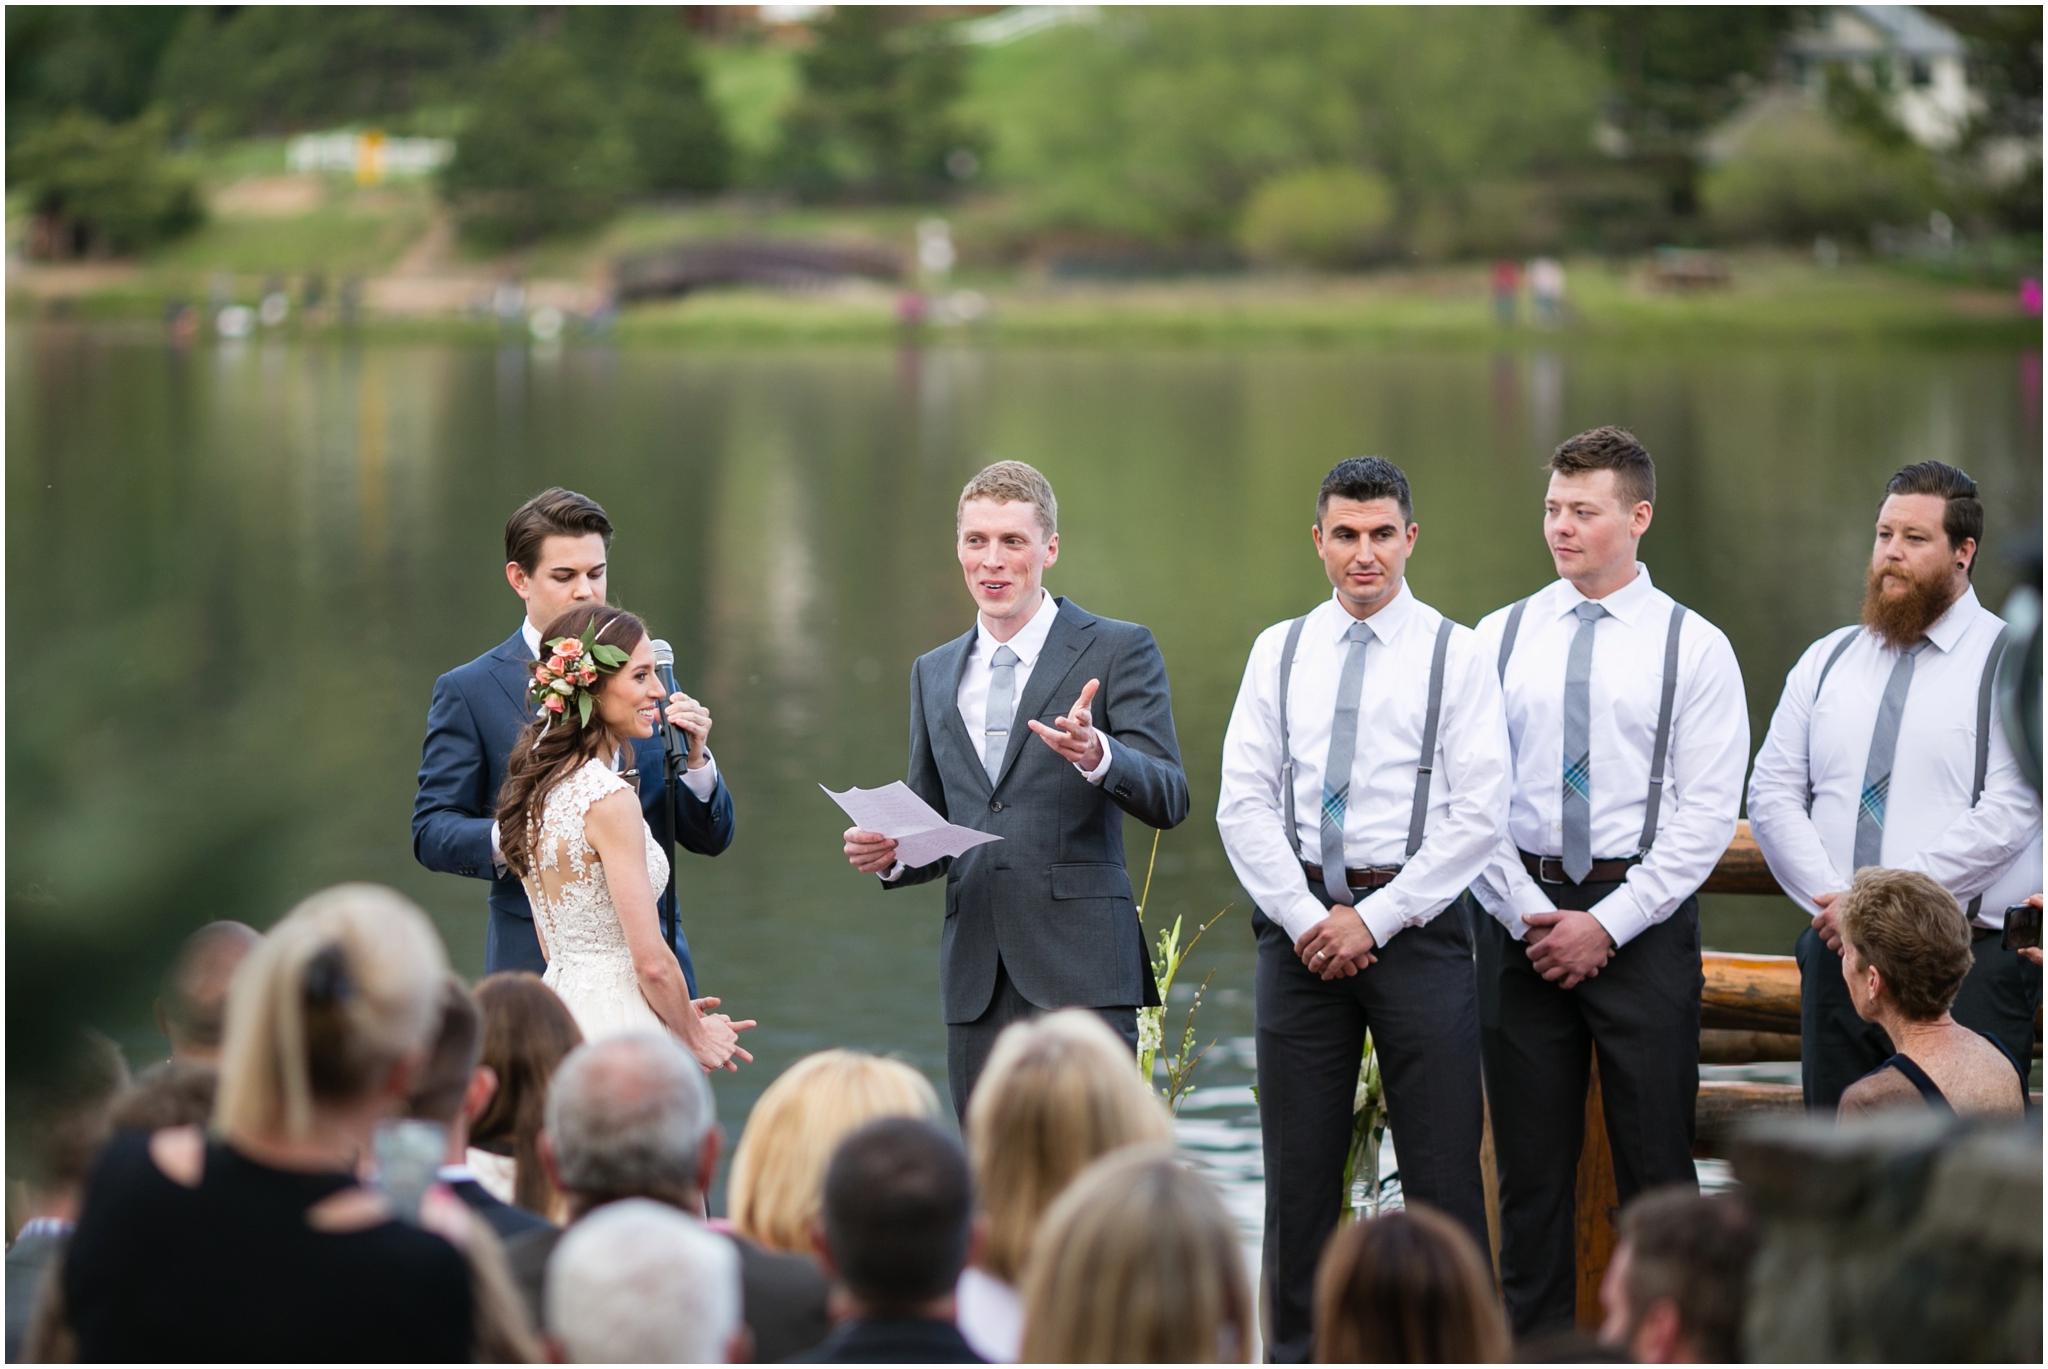 Evergreen_Lake_house_Wedding_exchanging_vows.JPG